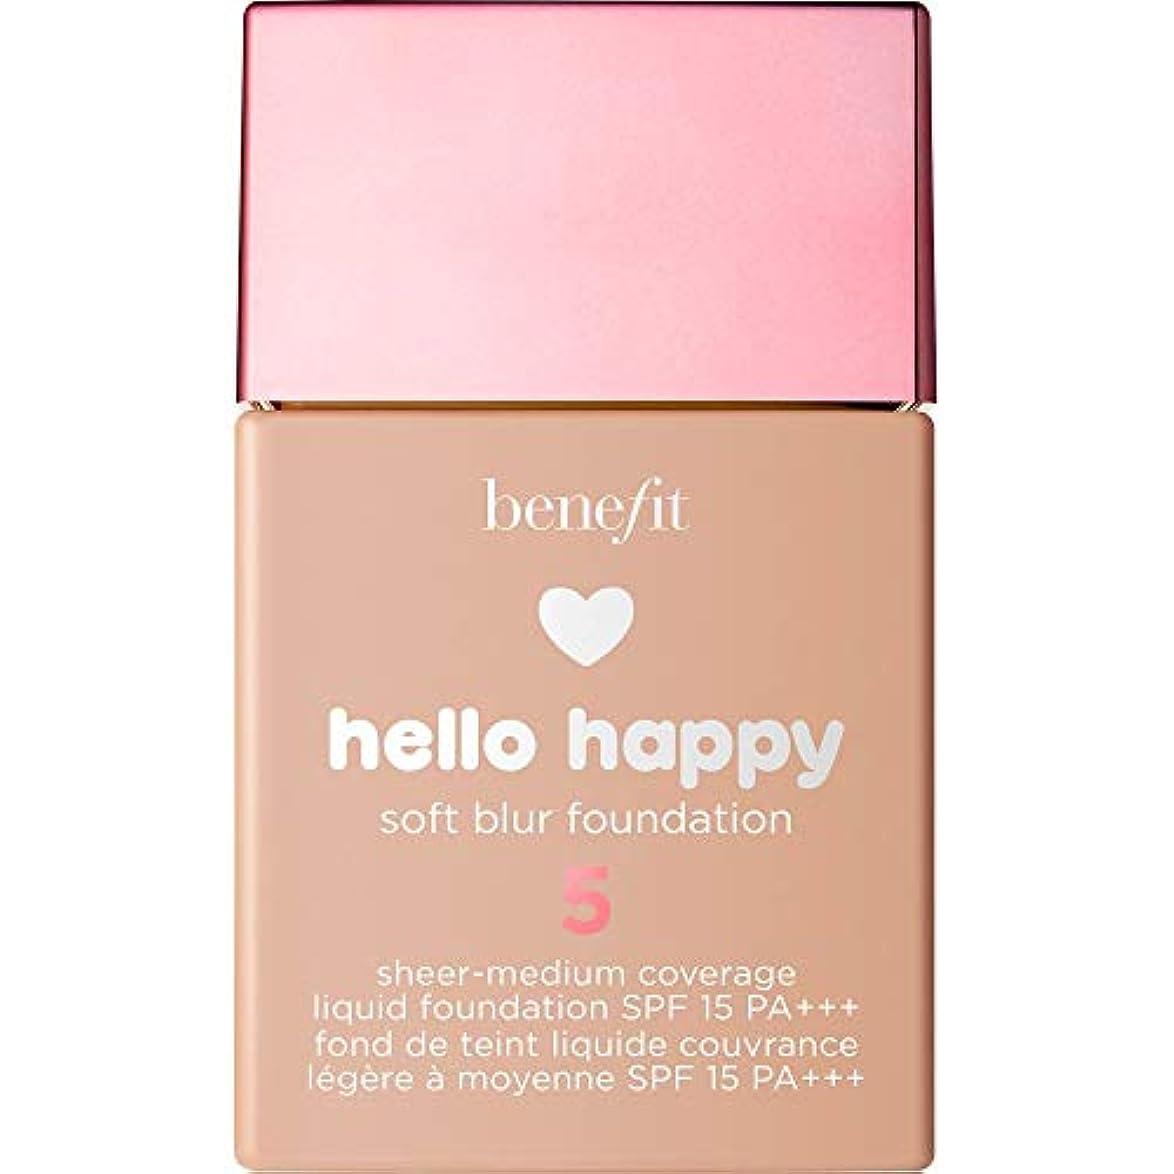 トーン過去お気に入り[Benefit] こんにちは幸せなソフトブラー基礎Spf15 30ミリリットル5に利益をもたらす - メディアクールに - Benefit Hello Happy Soft Blur Foundation SPF15...